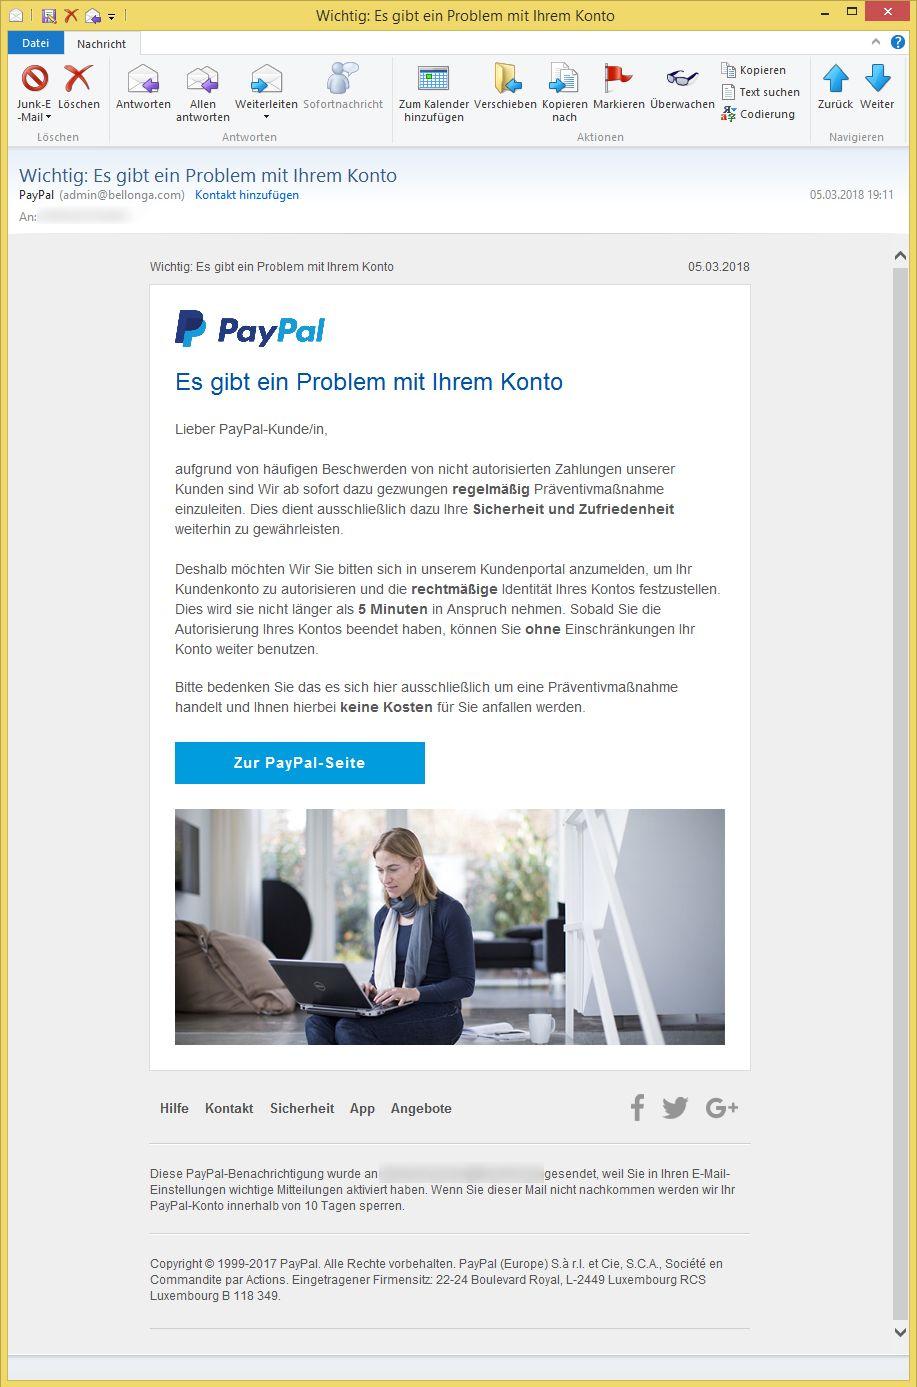 2 paypal konten mit einem bankkonto